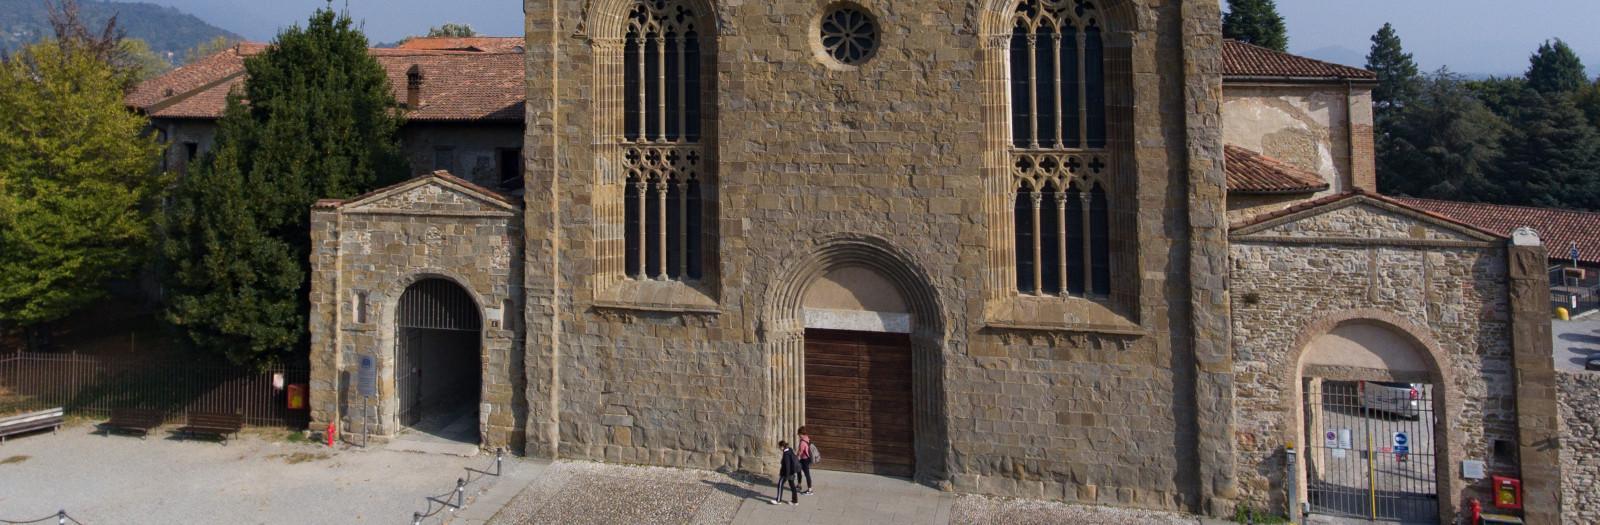 Porzione della facciata di Sant'Agostino e piazzale antistante